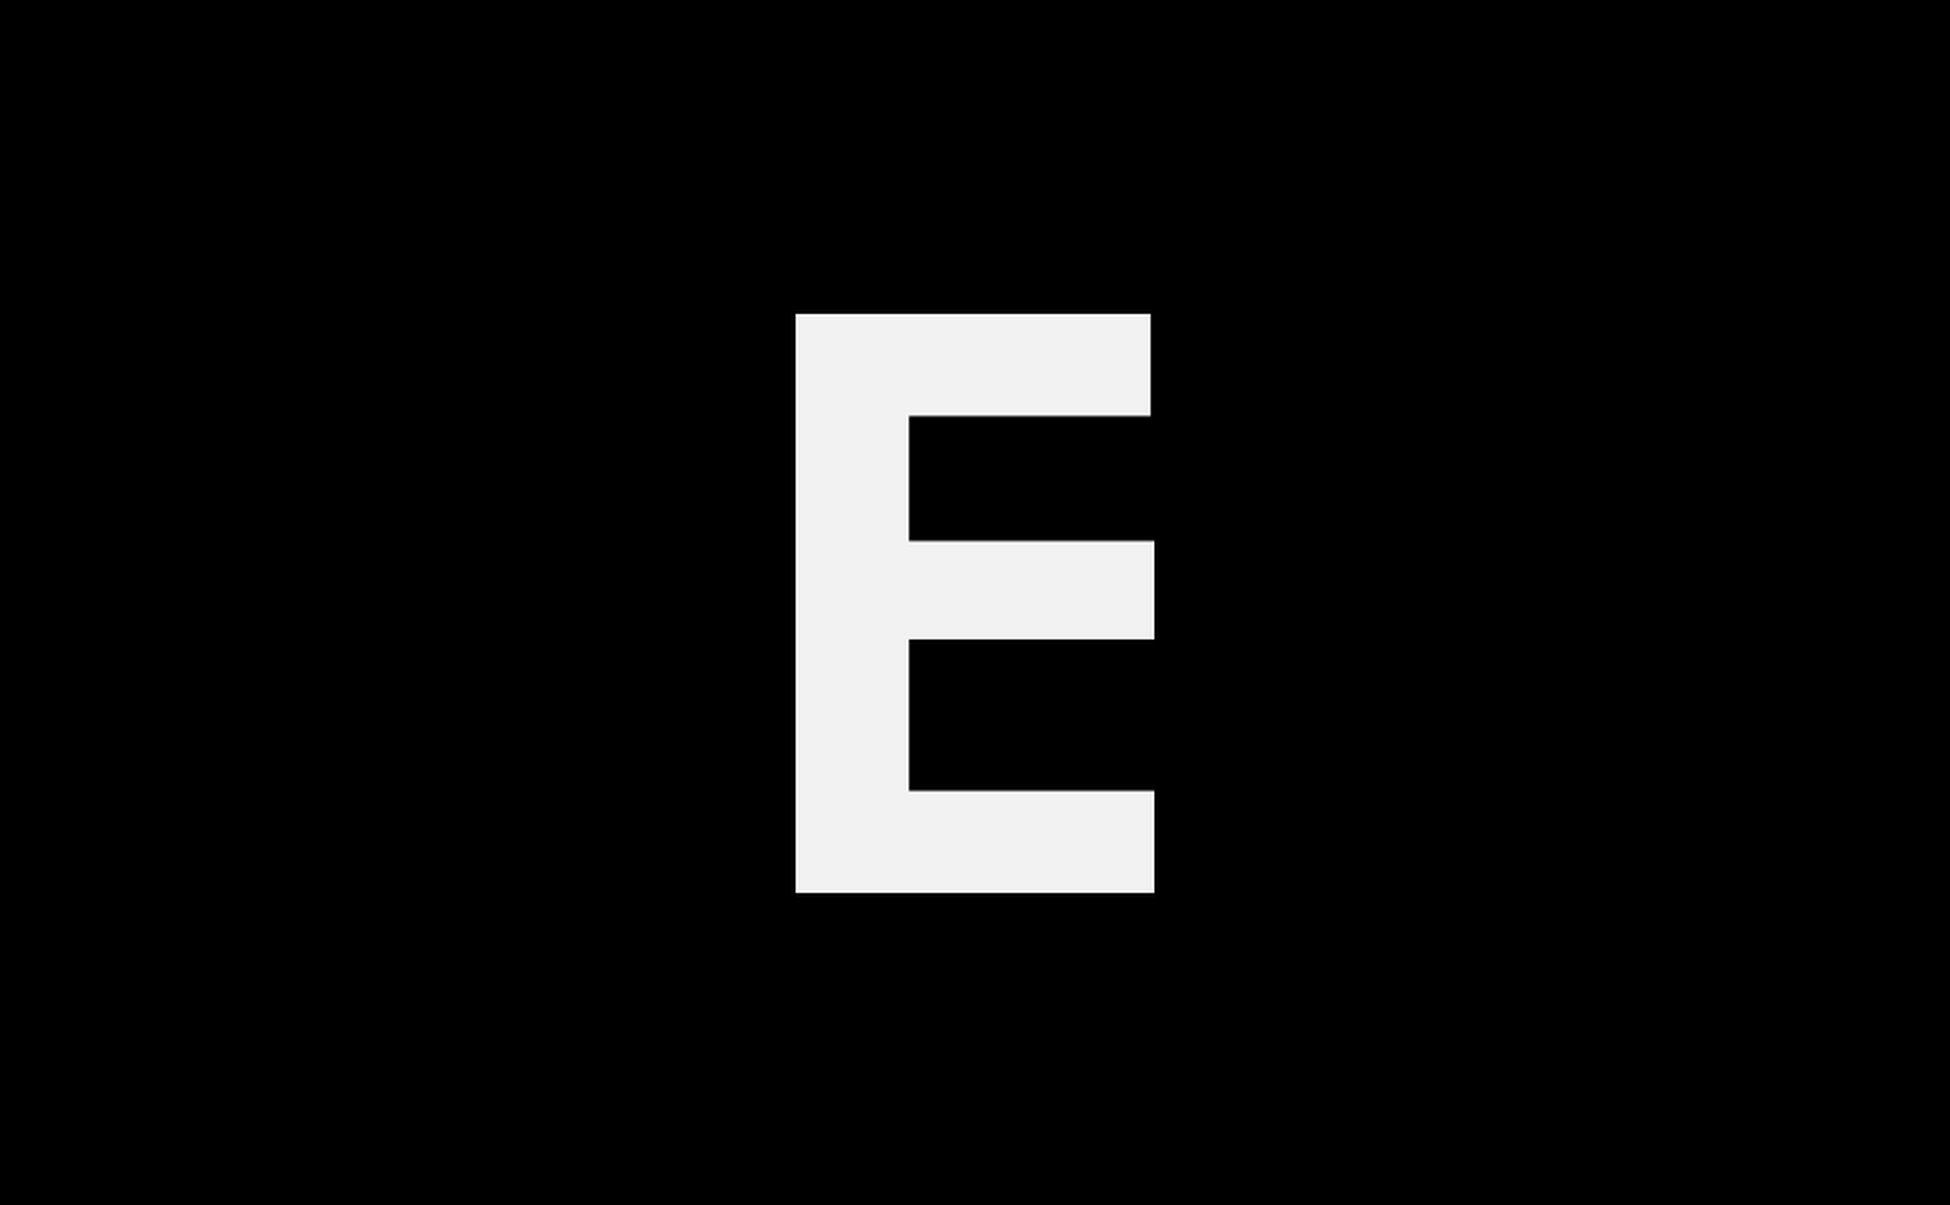 聞き慣れないファンファーレが鳴り響くと、唸りを上げて小型艇が現れた。そう、ここは、競艇場。w Traveling Motorboat Race Studium Motorboat Studium Blue